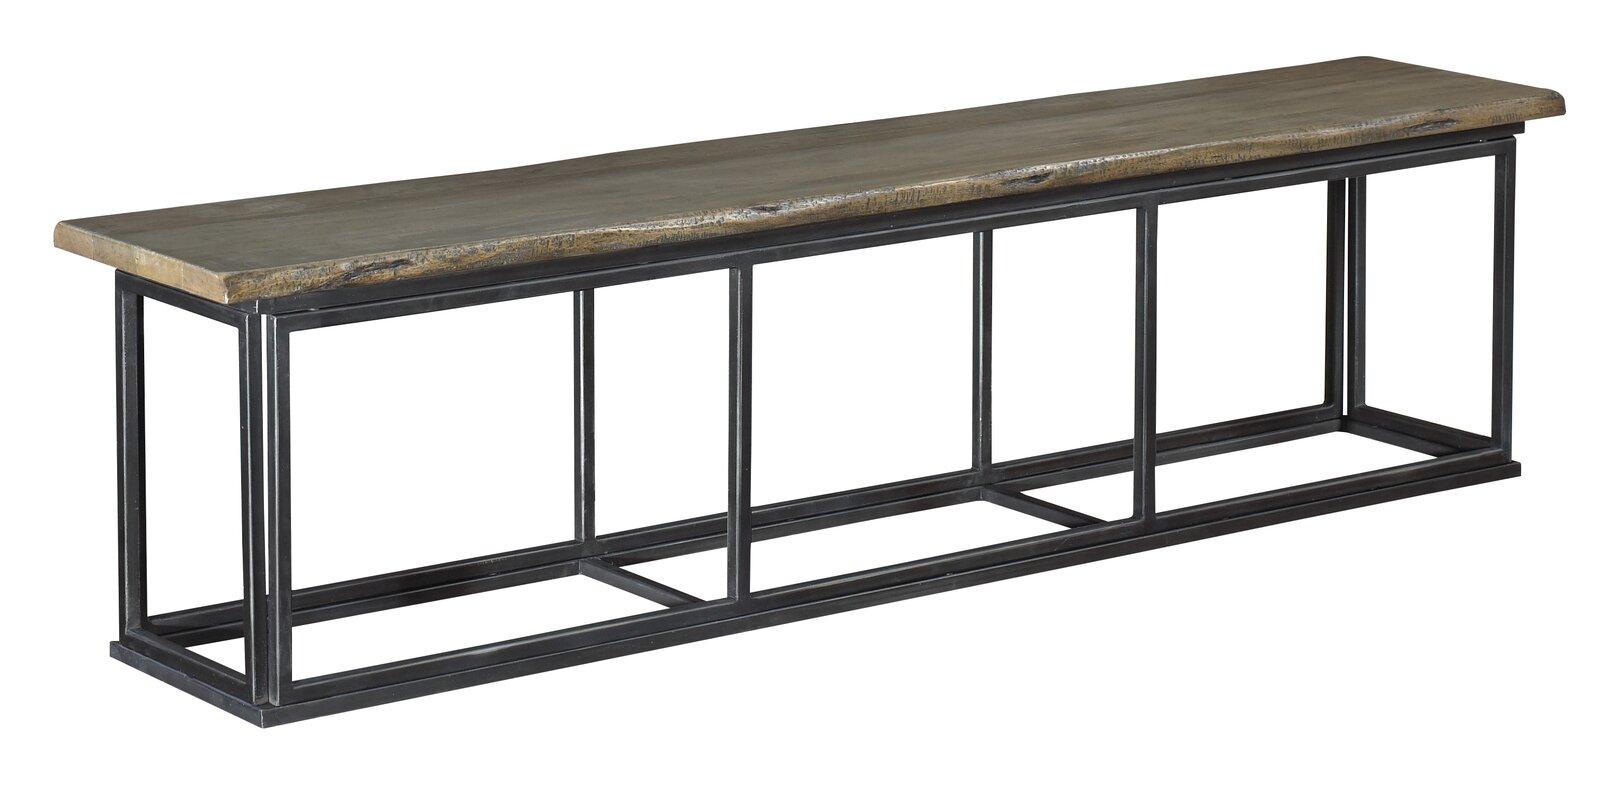 Clian Metal Bench